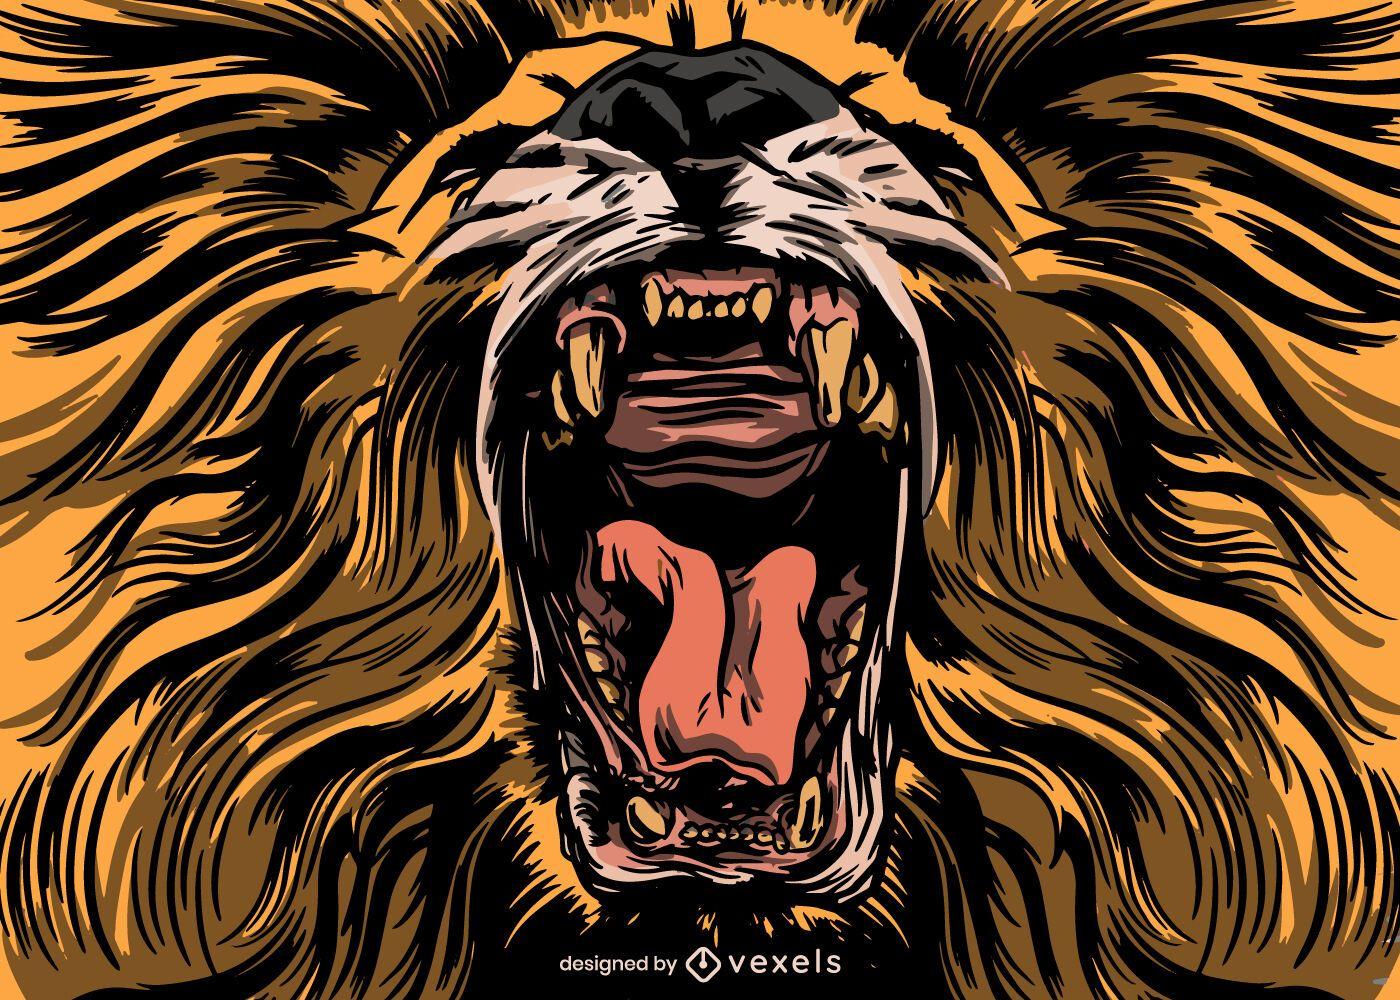 Brüllender Löwe Illustrationsentwurf